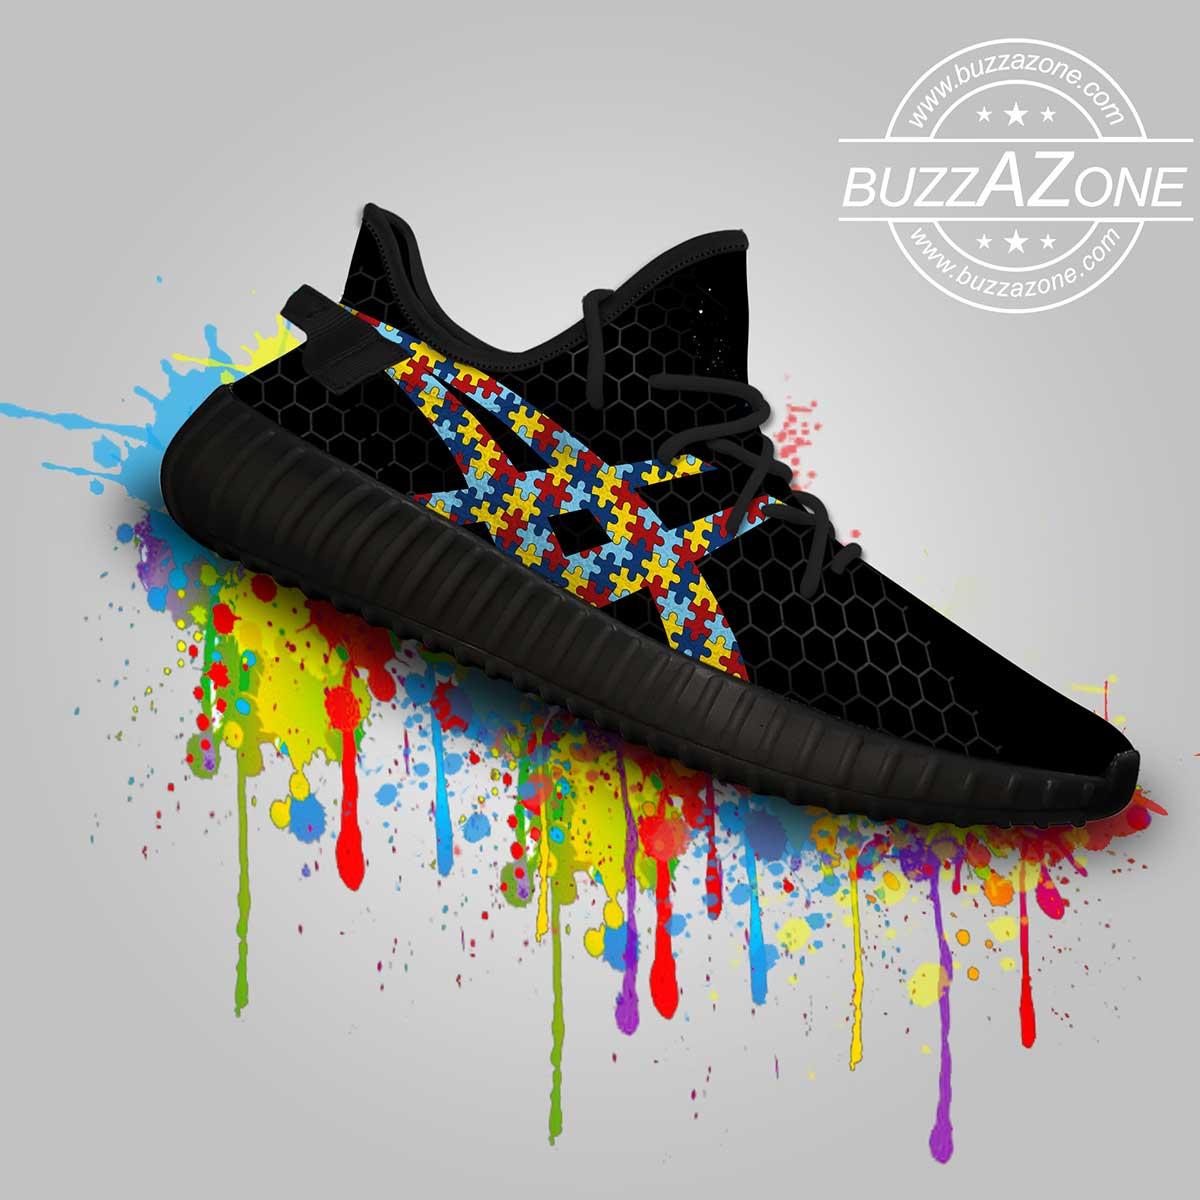 Autism awareness custom yeezy sneakers 4